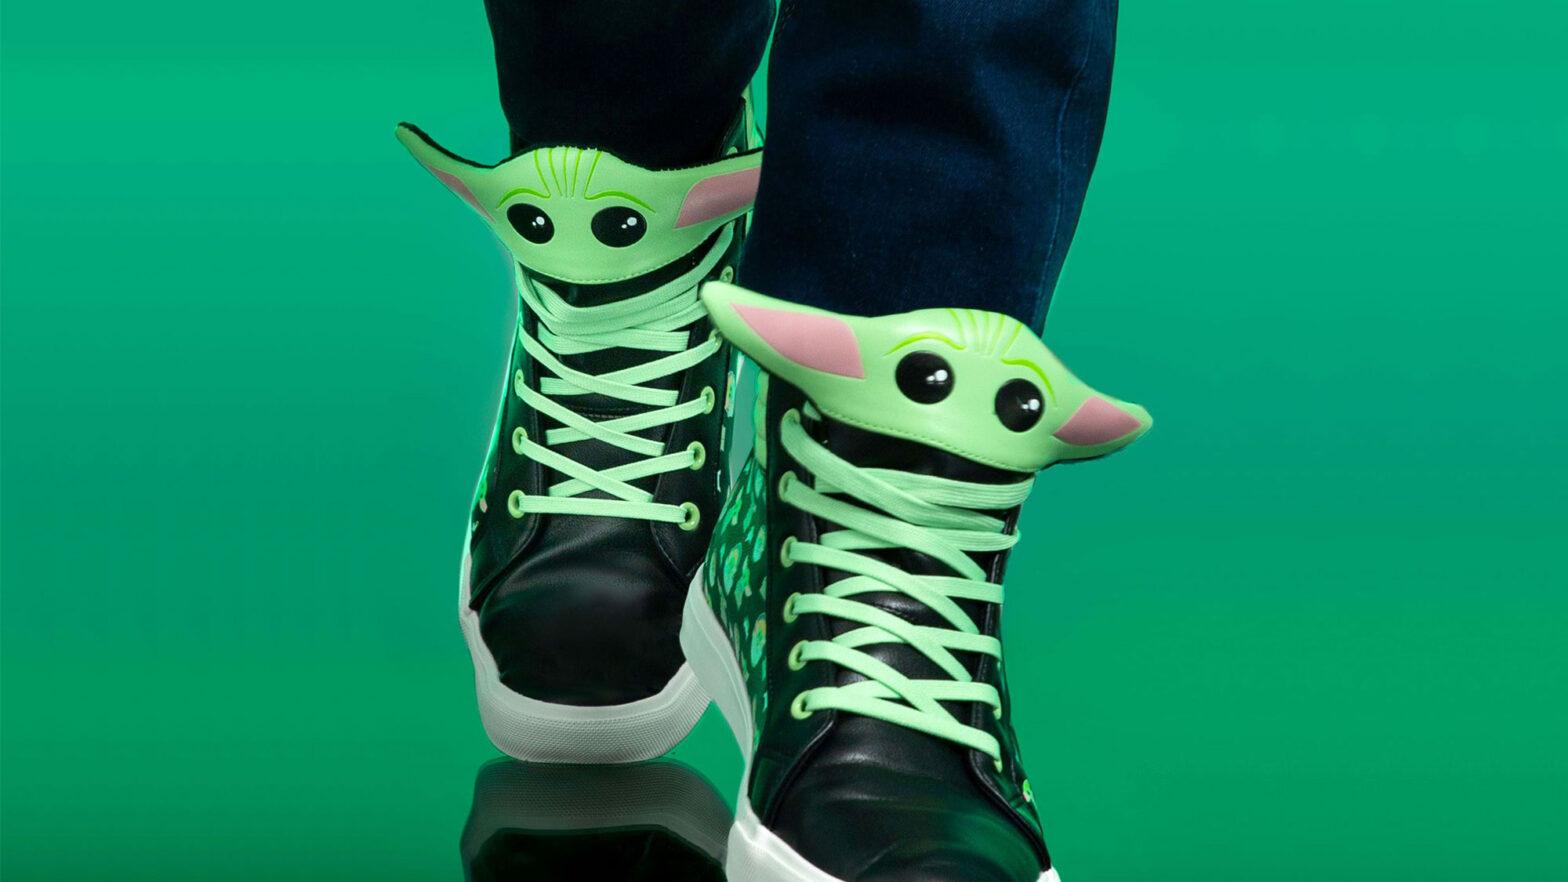 The Child Unisex Mandalorian Shoes